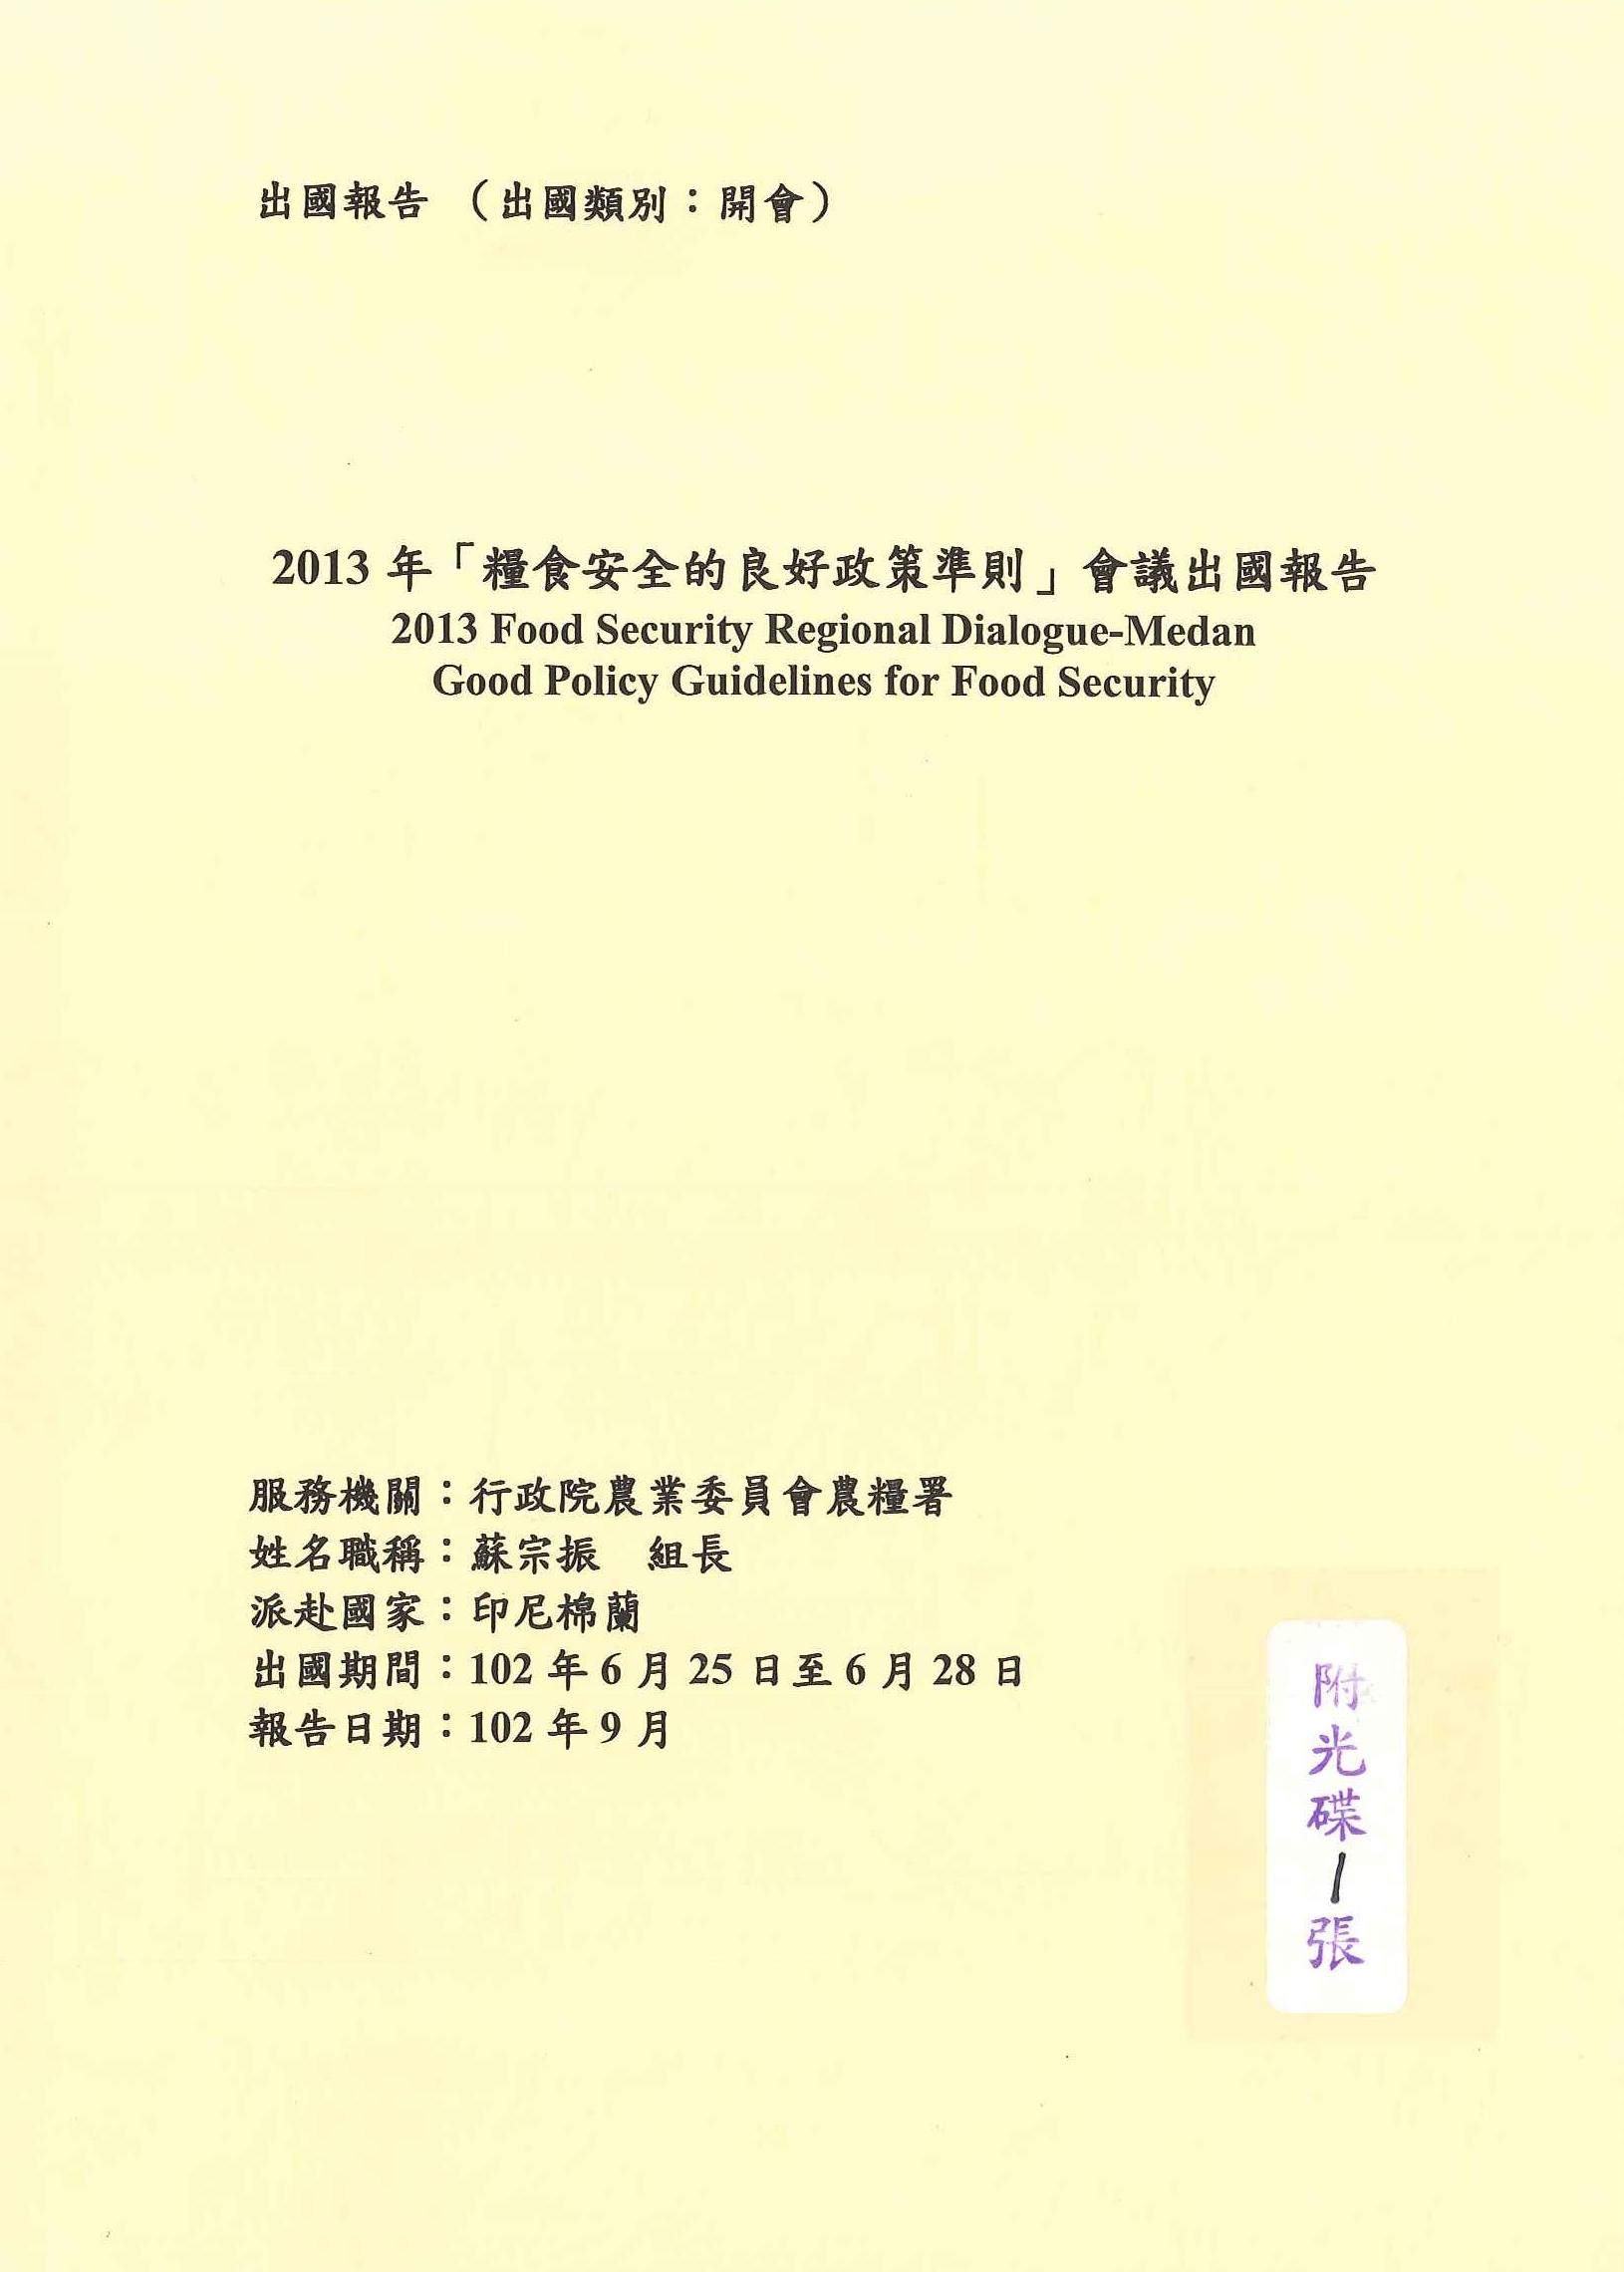 2013年「糧食安全的良好政策準則」會議出國報告=2013 Food security regional dialogue-medan good policy guidelines for food security